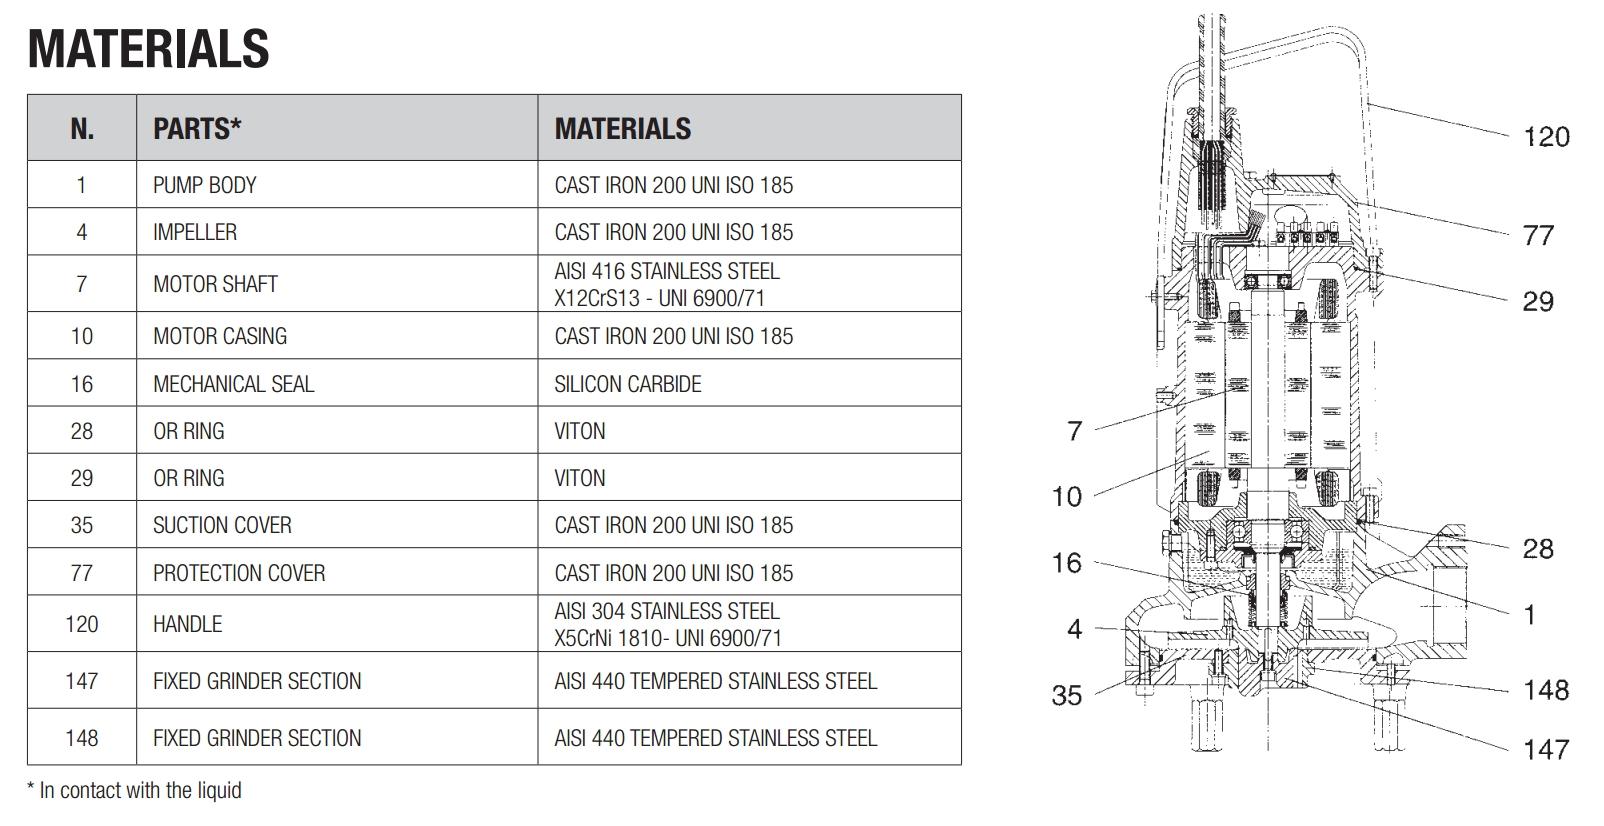 dab grinder 1800 t f kalienpumpe mit schneidwerk und steuerung 12 39 000 l h 400 v 2 kw bar. Black Bedroom Furniture Sets. Home Design Ideas